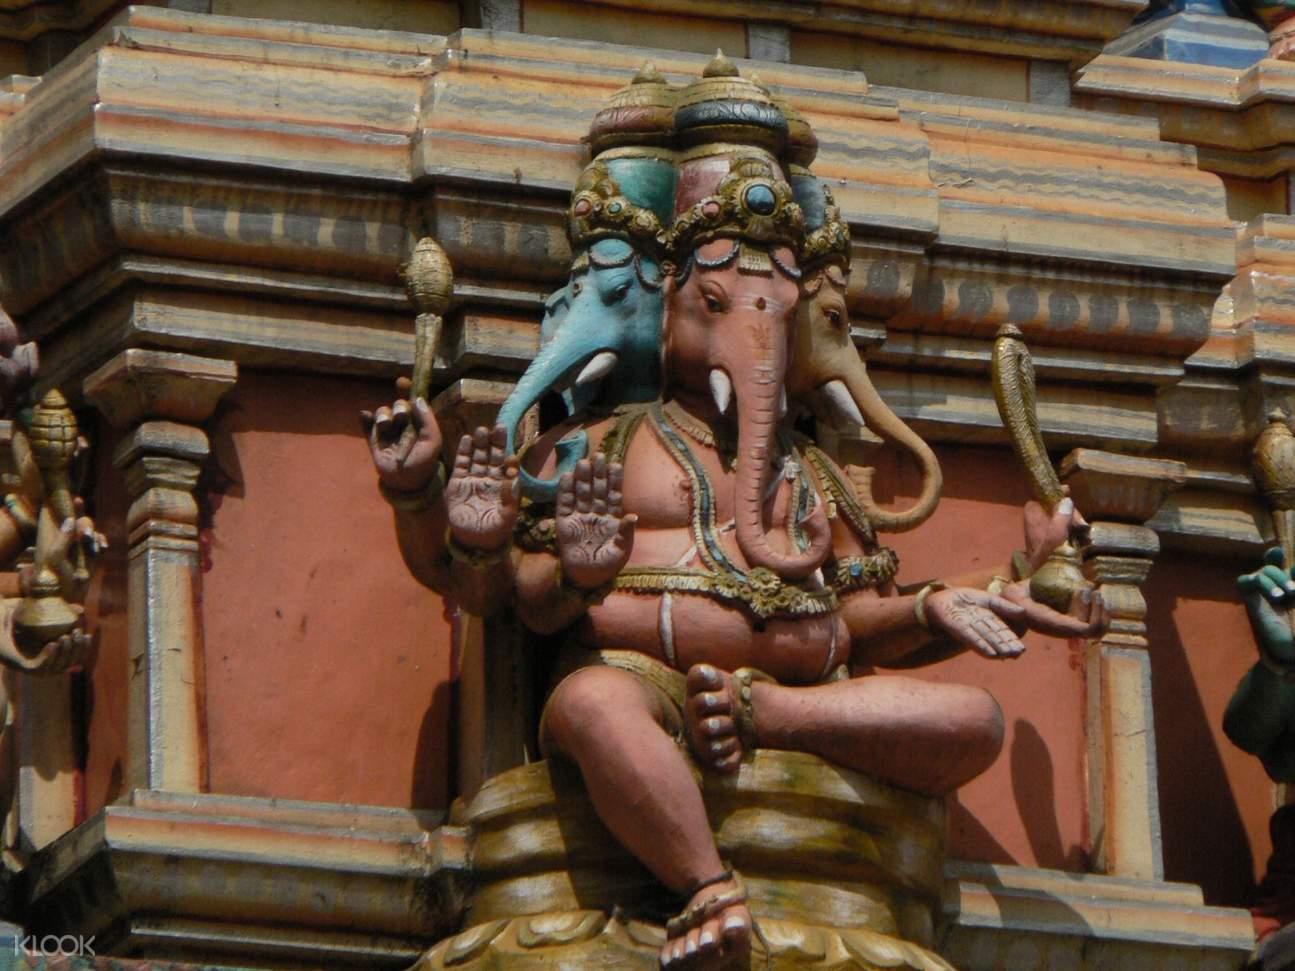 Religious site in India